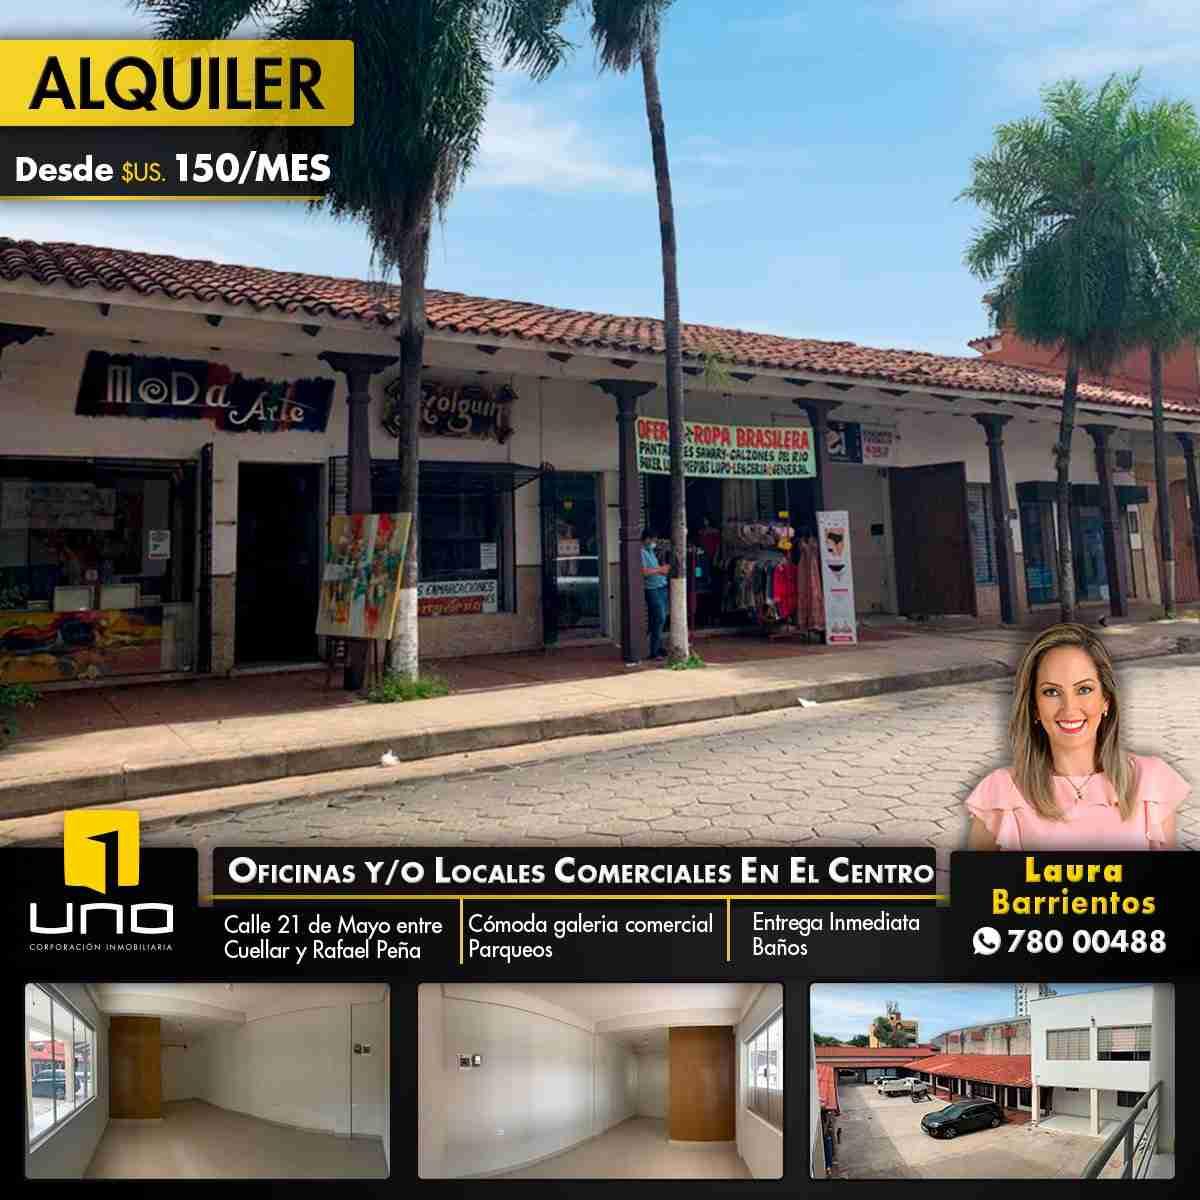 OFICINAS y/o LOCALES COMERCIALES EN ALQUILER EN EL CENTRO DE LA CIUDAD